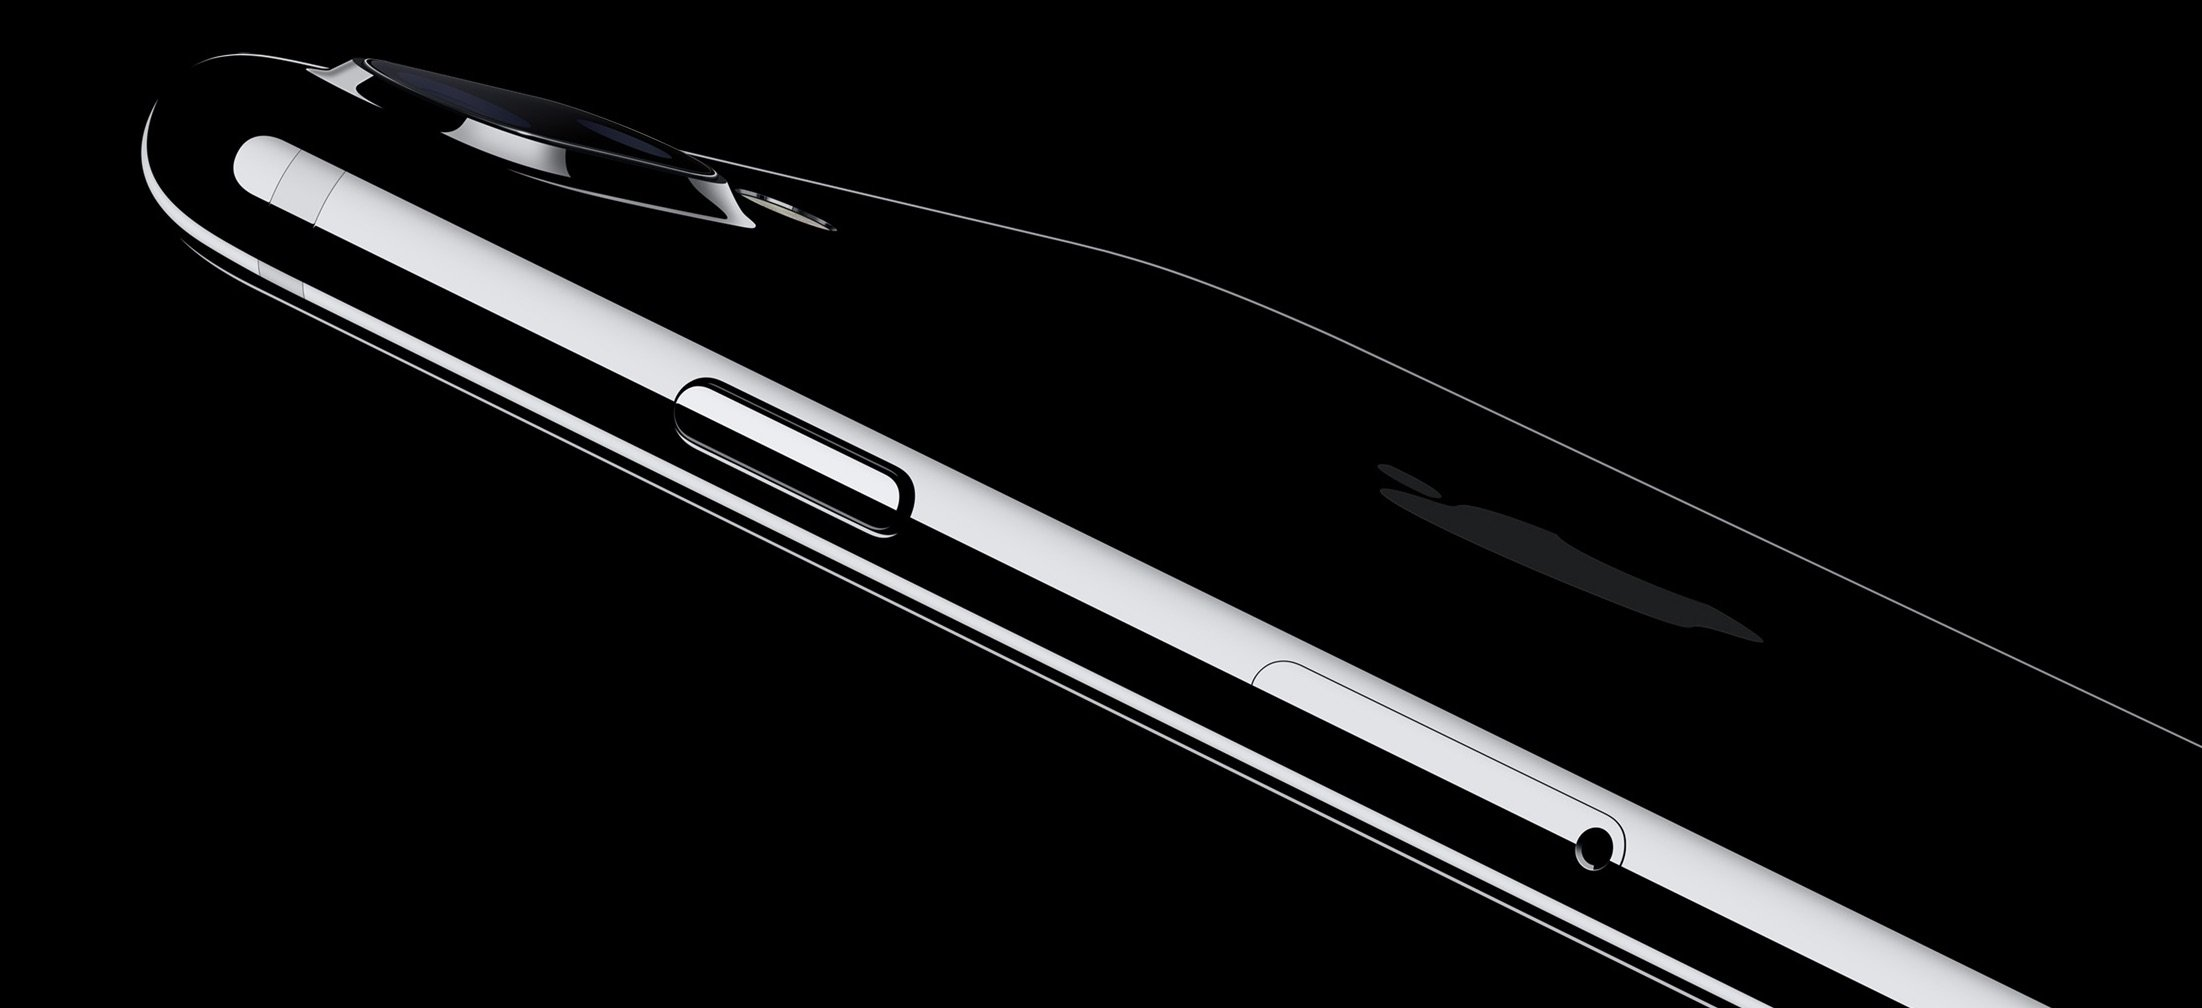 Deutsche Bank: Letzte Blackberrys werden durch iPhones ersetzt 1